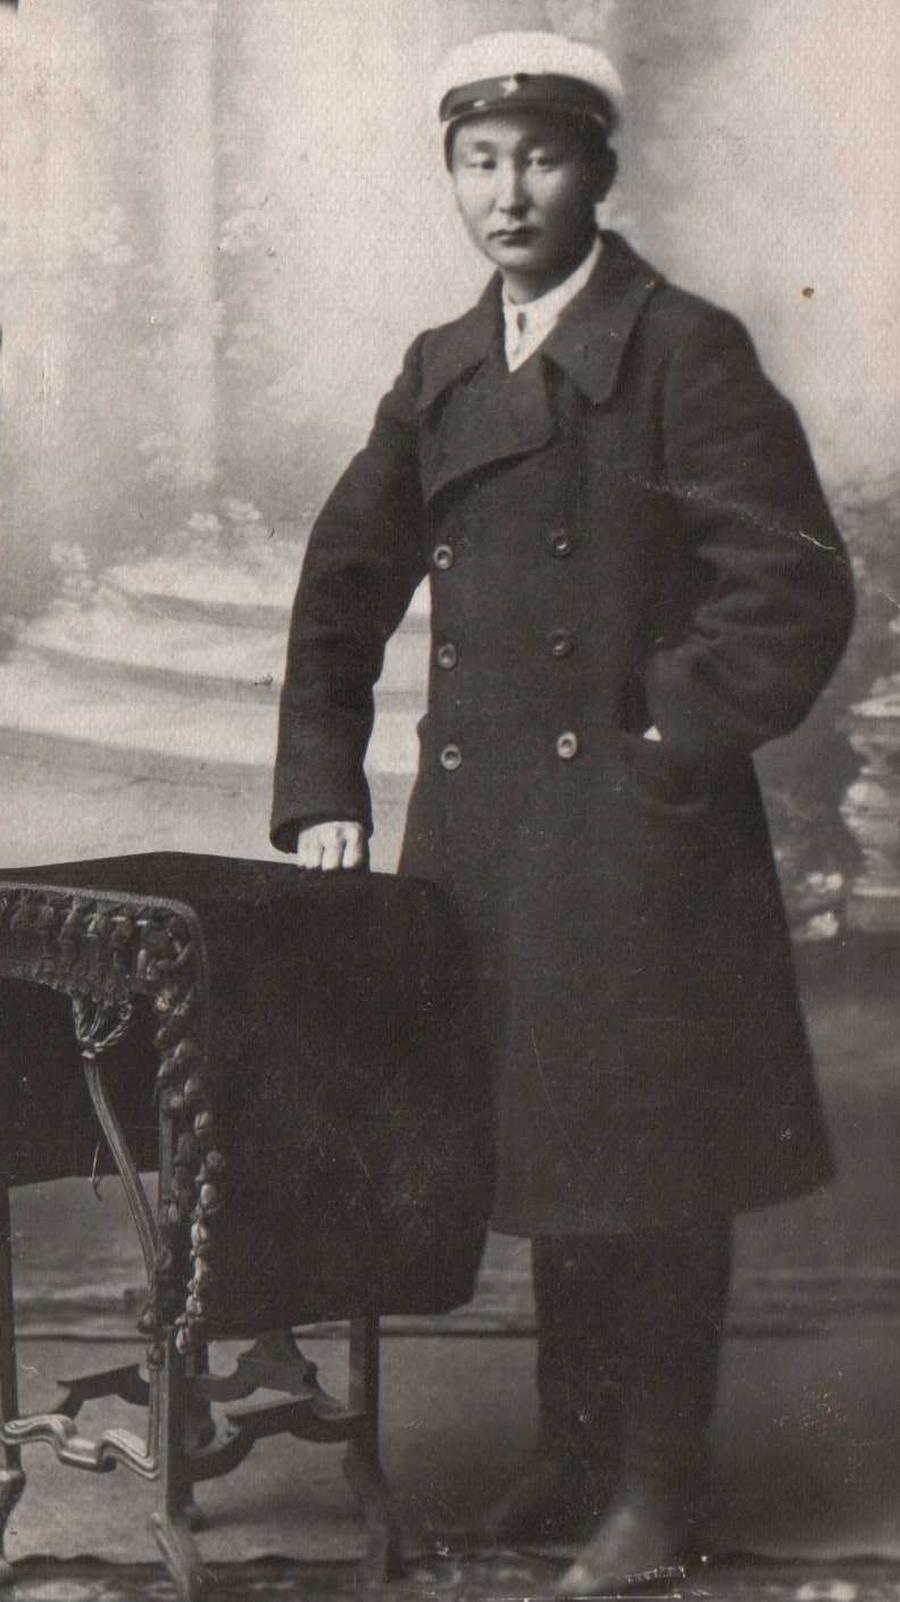 Бадмаев Хонин, Х-Ага, 1904 г.р., снято в 1930 г..jpg